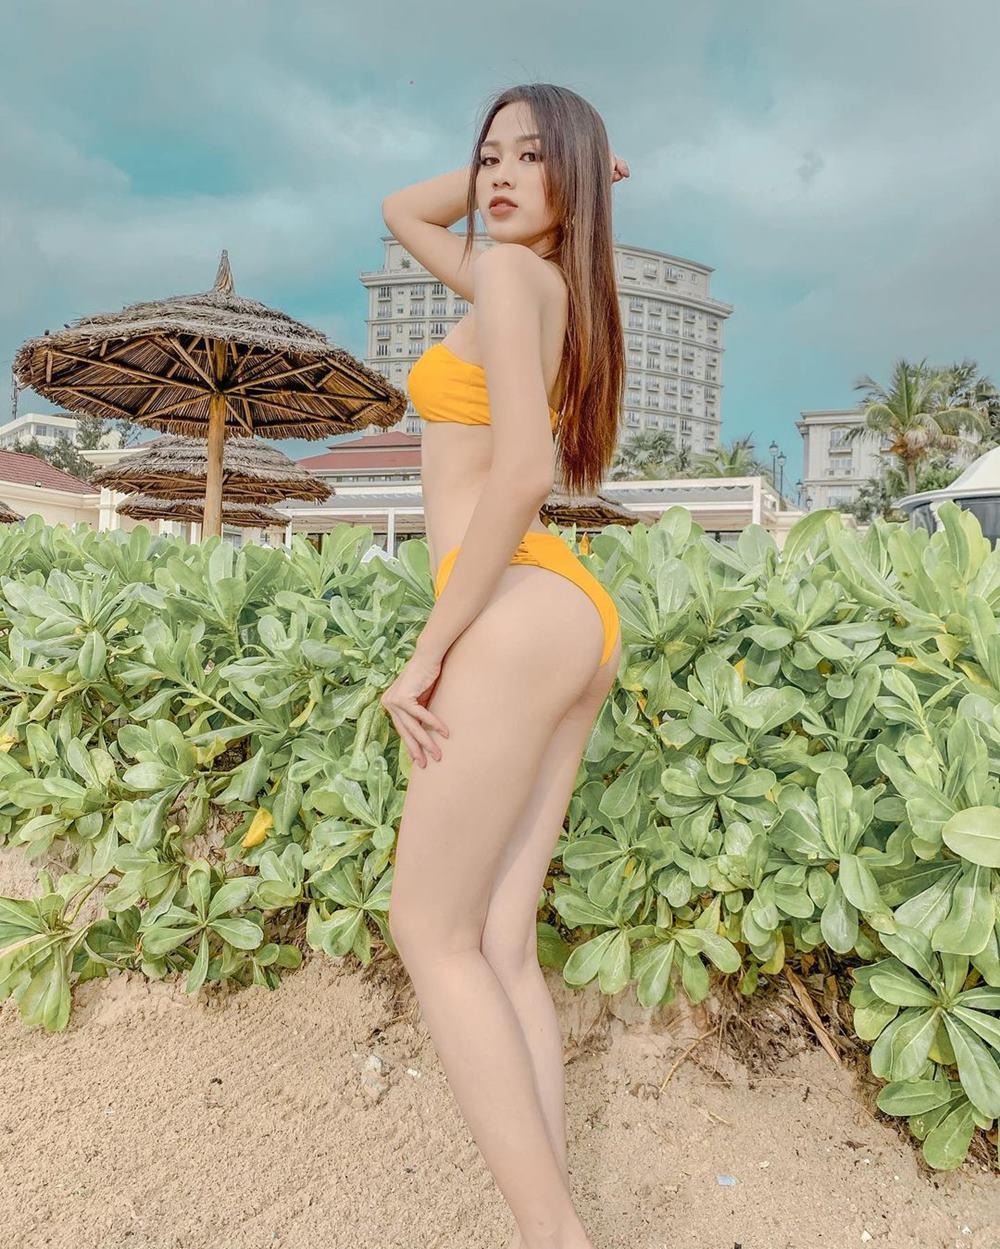 Tân Hoa hậu Việt Nam: Chân dài 1m11, con nhà nông, phải tích cóp từng đồng đi thi - 6